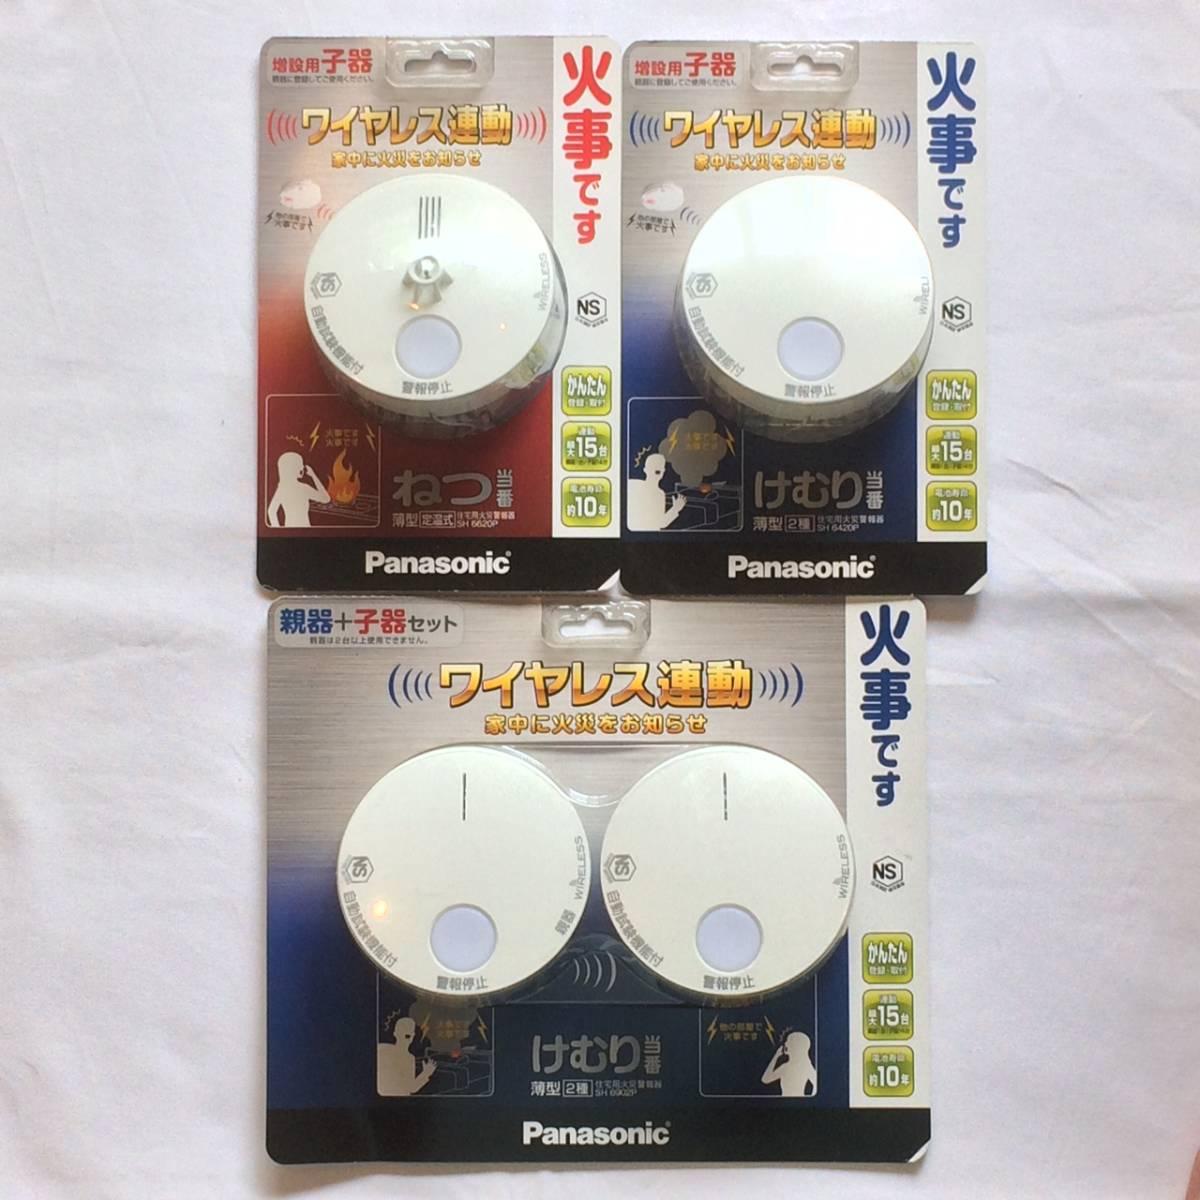 パナソニック 住宅用火災警報器 けむり当番 ねつ当番 電池式 ワイヤレス連動型 親器1台+子器3台 SH6902P SH6410P SH6420P SH6620P